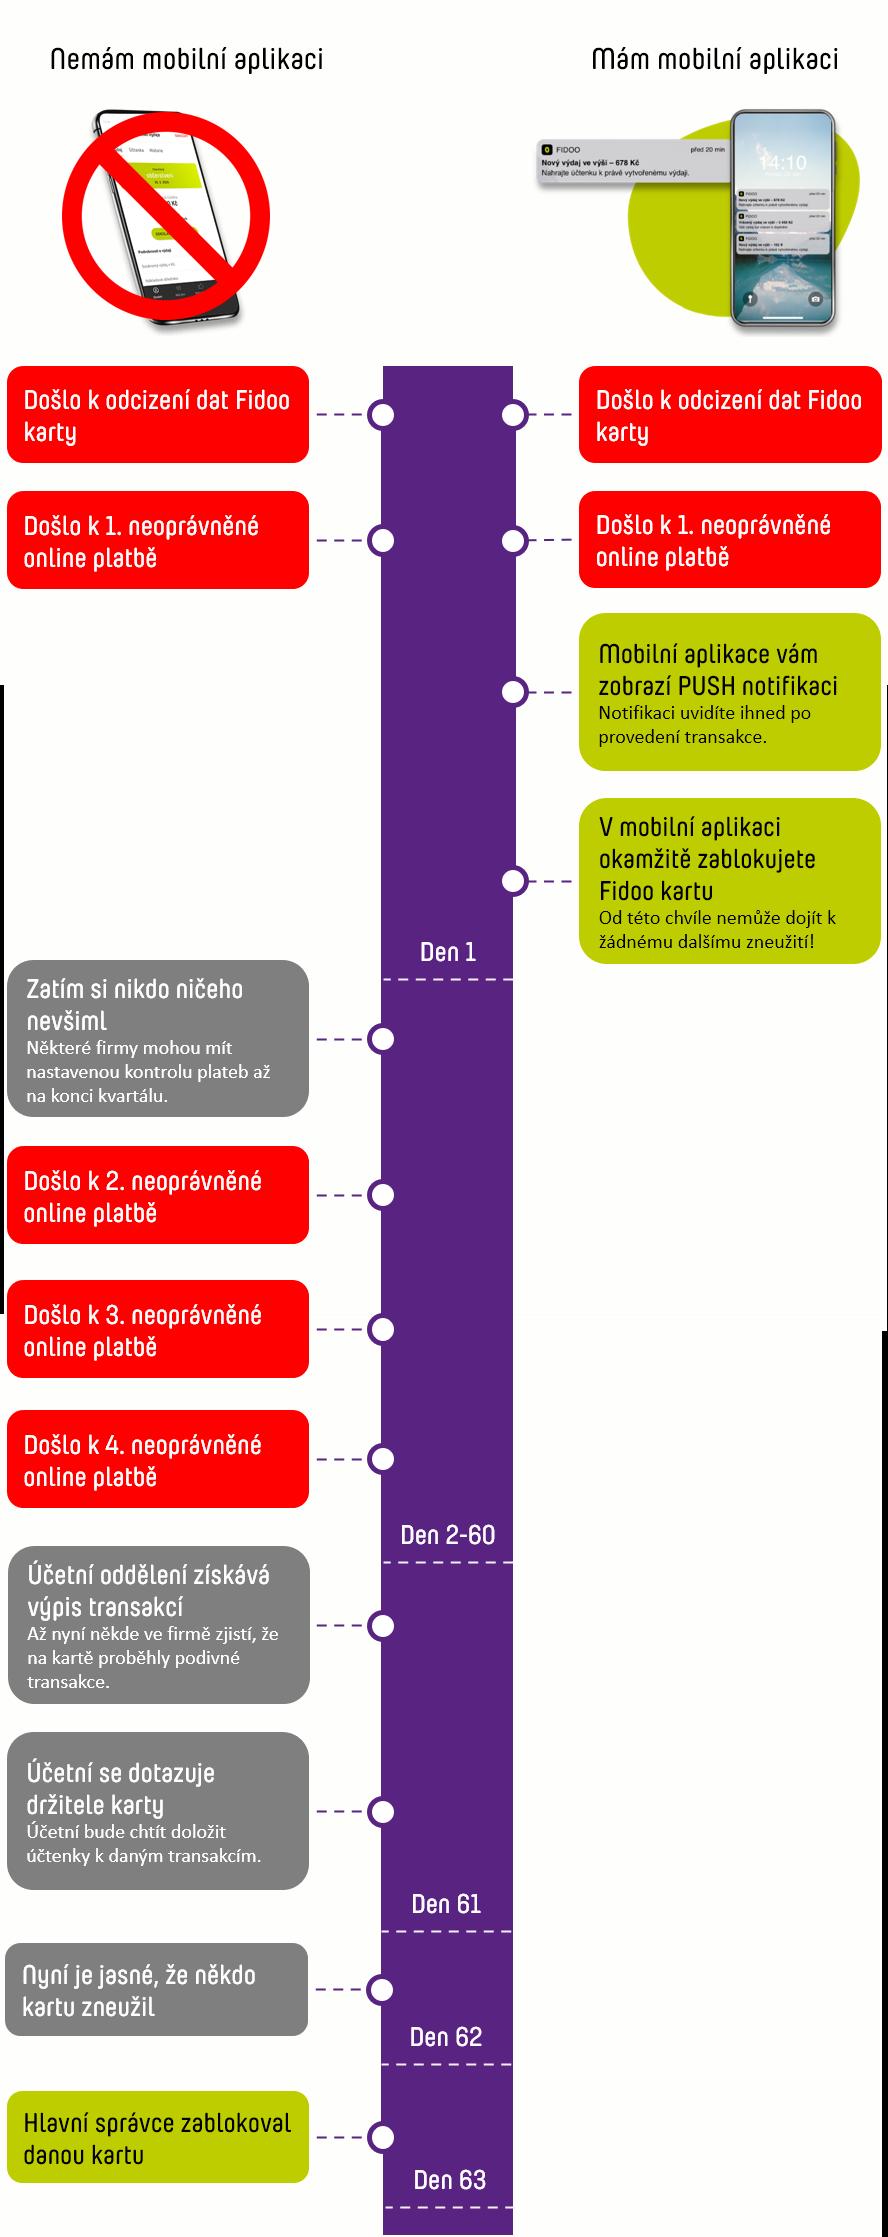 Bezpečnost plateb v mobilní aplikaci Fidoo